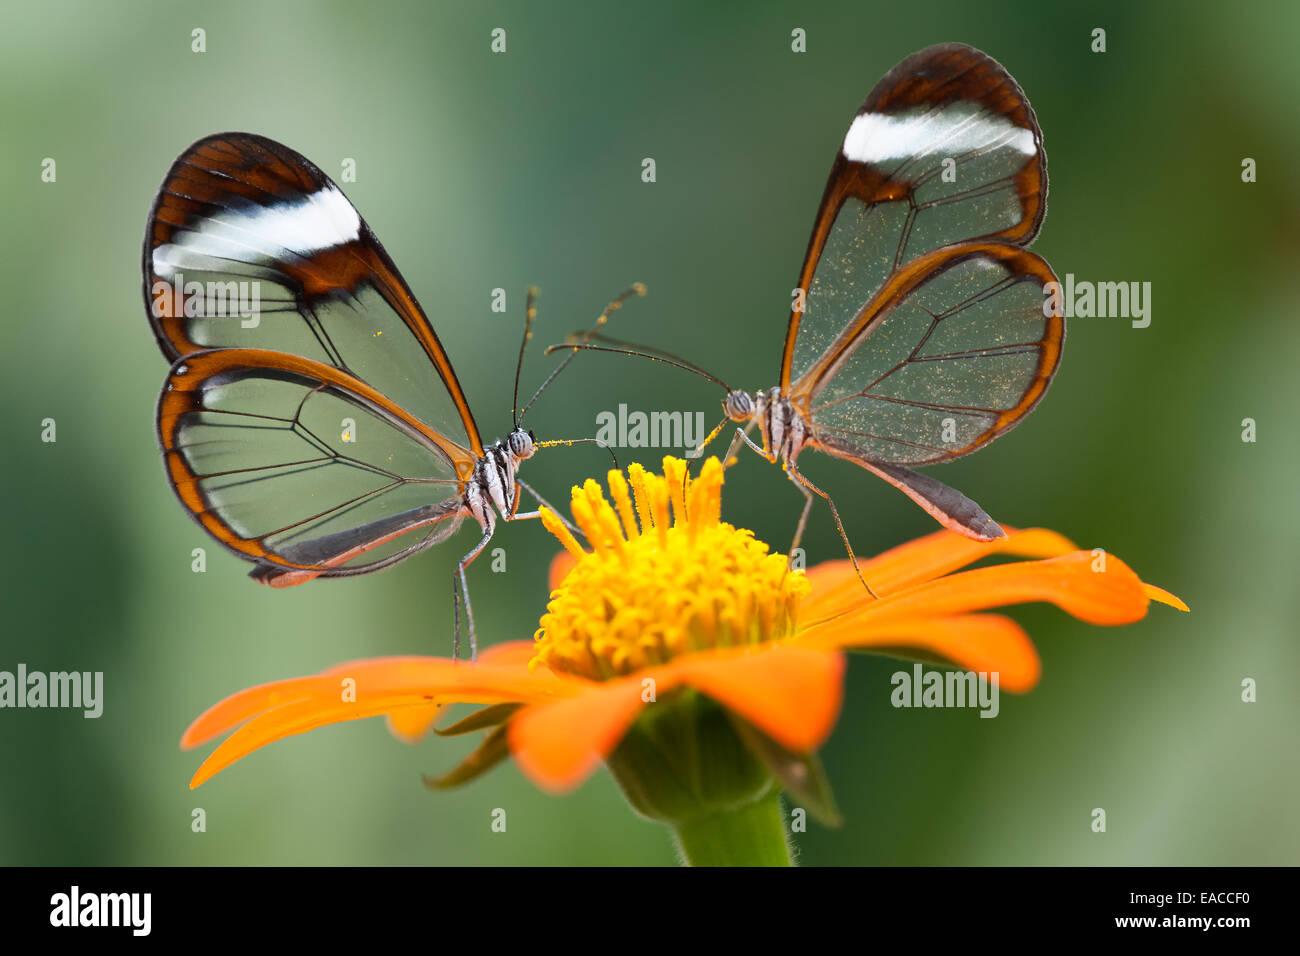 Coppia di 'anta vetro' farfalle, alimentando in corrispondenza di North Somerset Butterfly House Immagini Stock